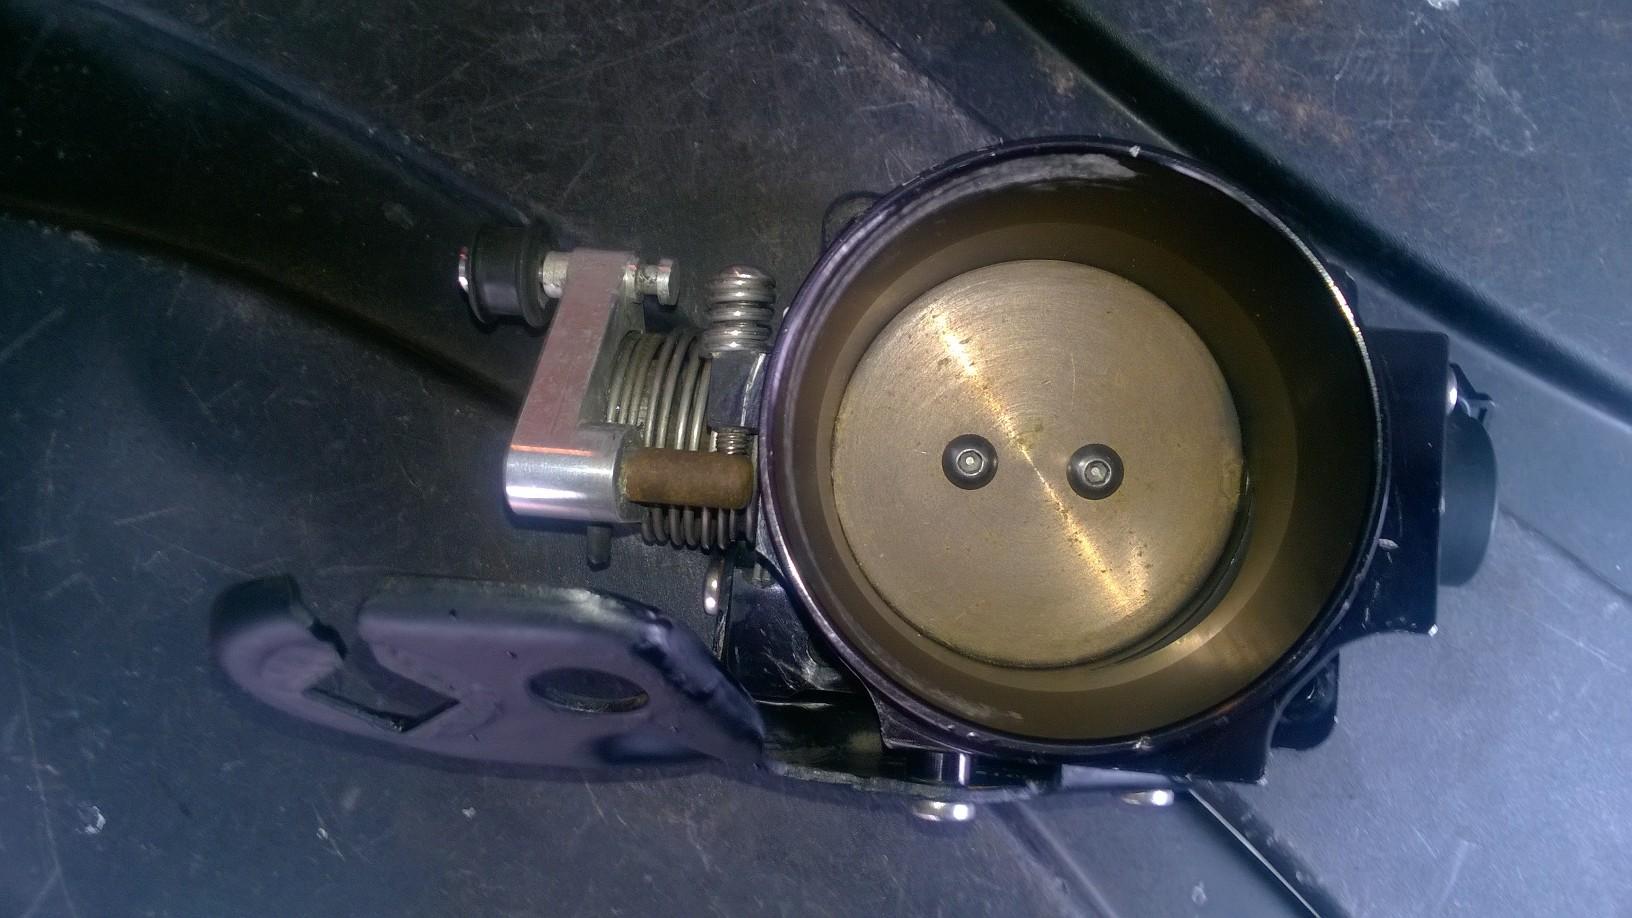 Ford focus throttle body cfm 65mm zetec wp_20161103_010 jpg